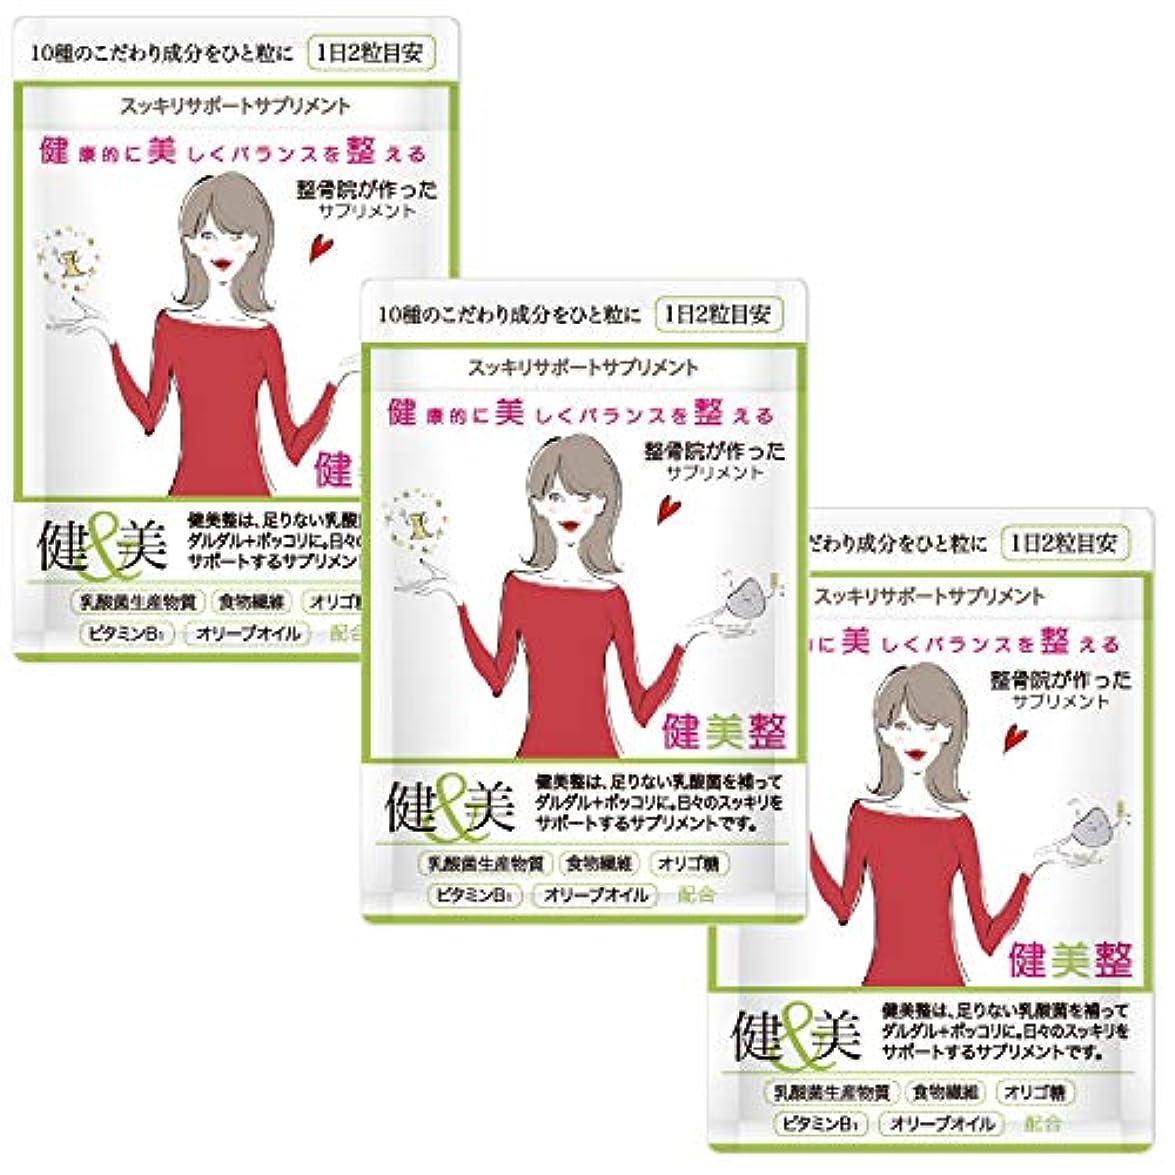 似ているカーペット彼女自身ダイエット サプリメント 人気 酵素 健美整プラス 腸内環境 炭 60粒1か月分 (3)